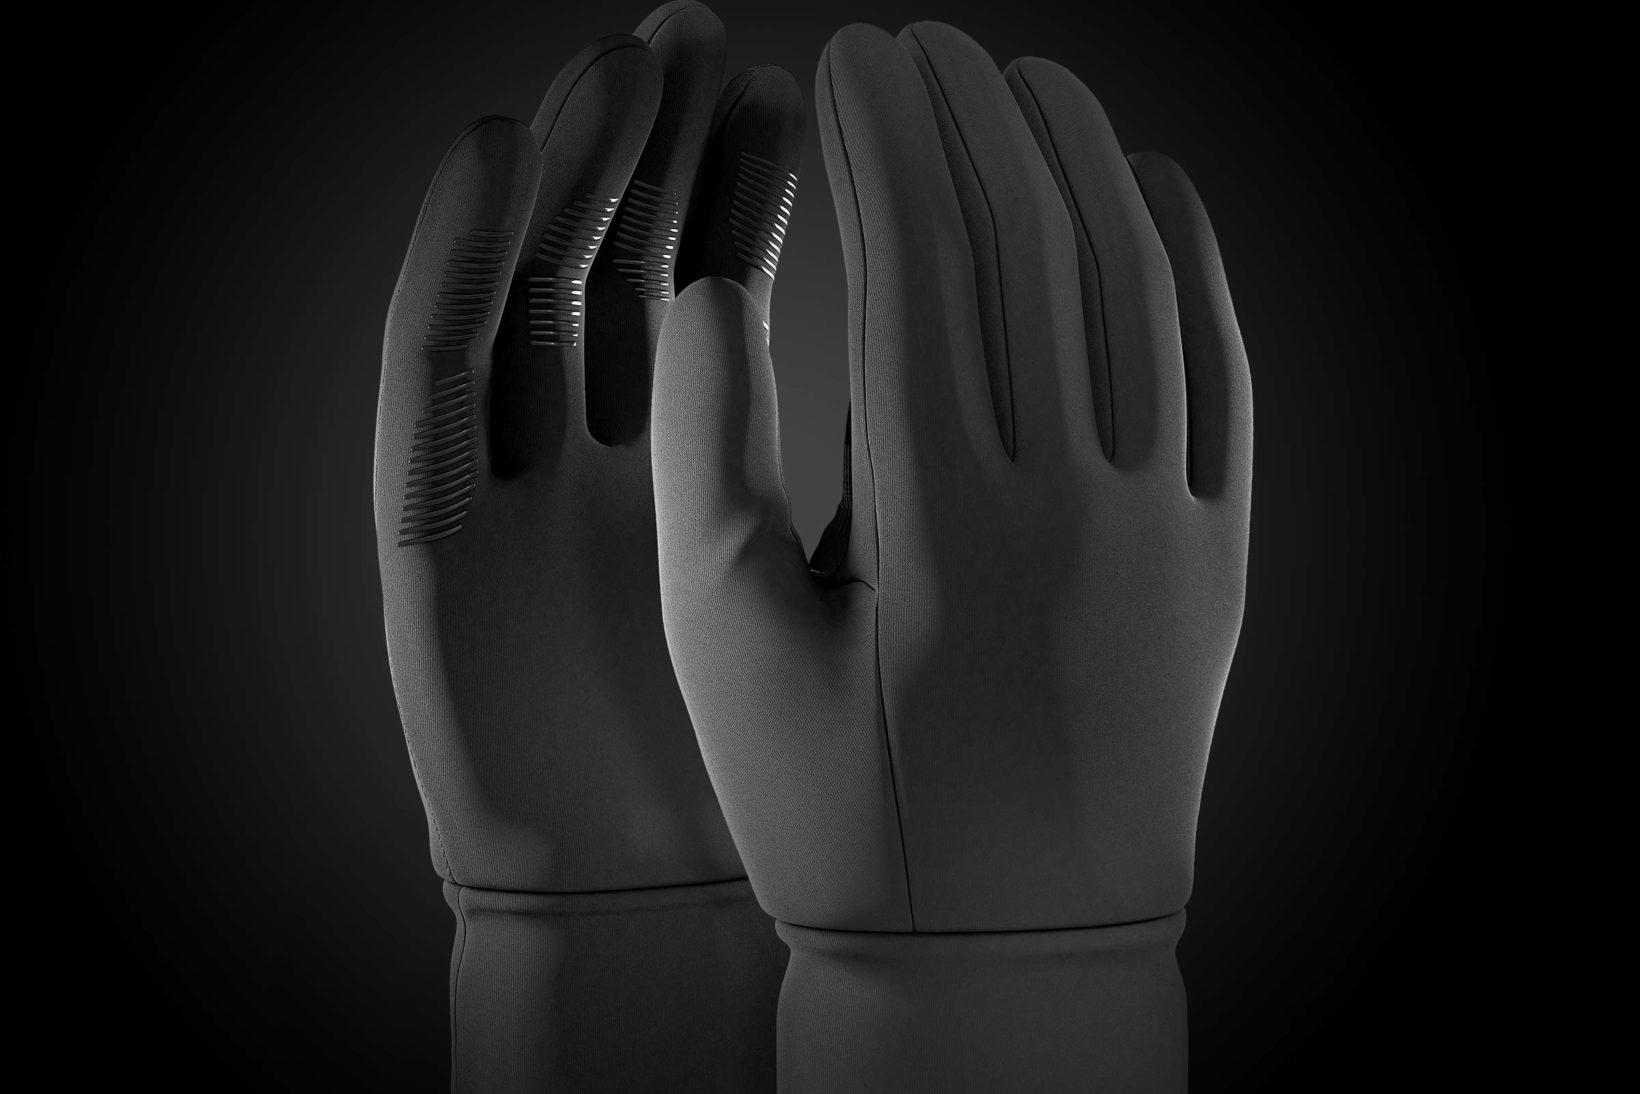 mujjo guanti  Ecco i nuovi eleganti guanti Mujjo per touchscreen -